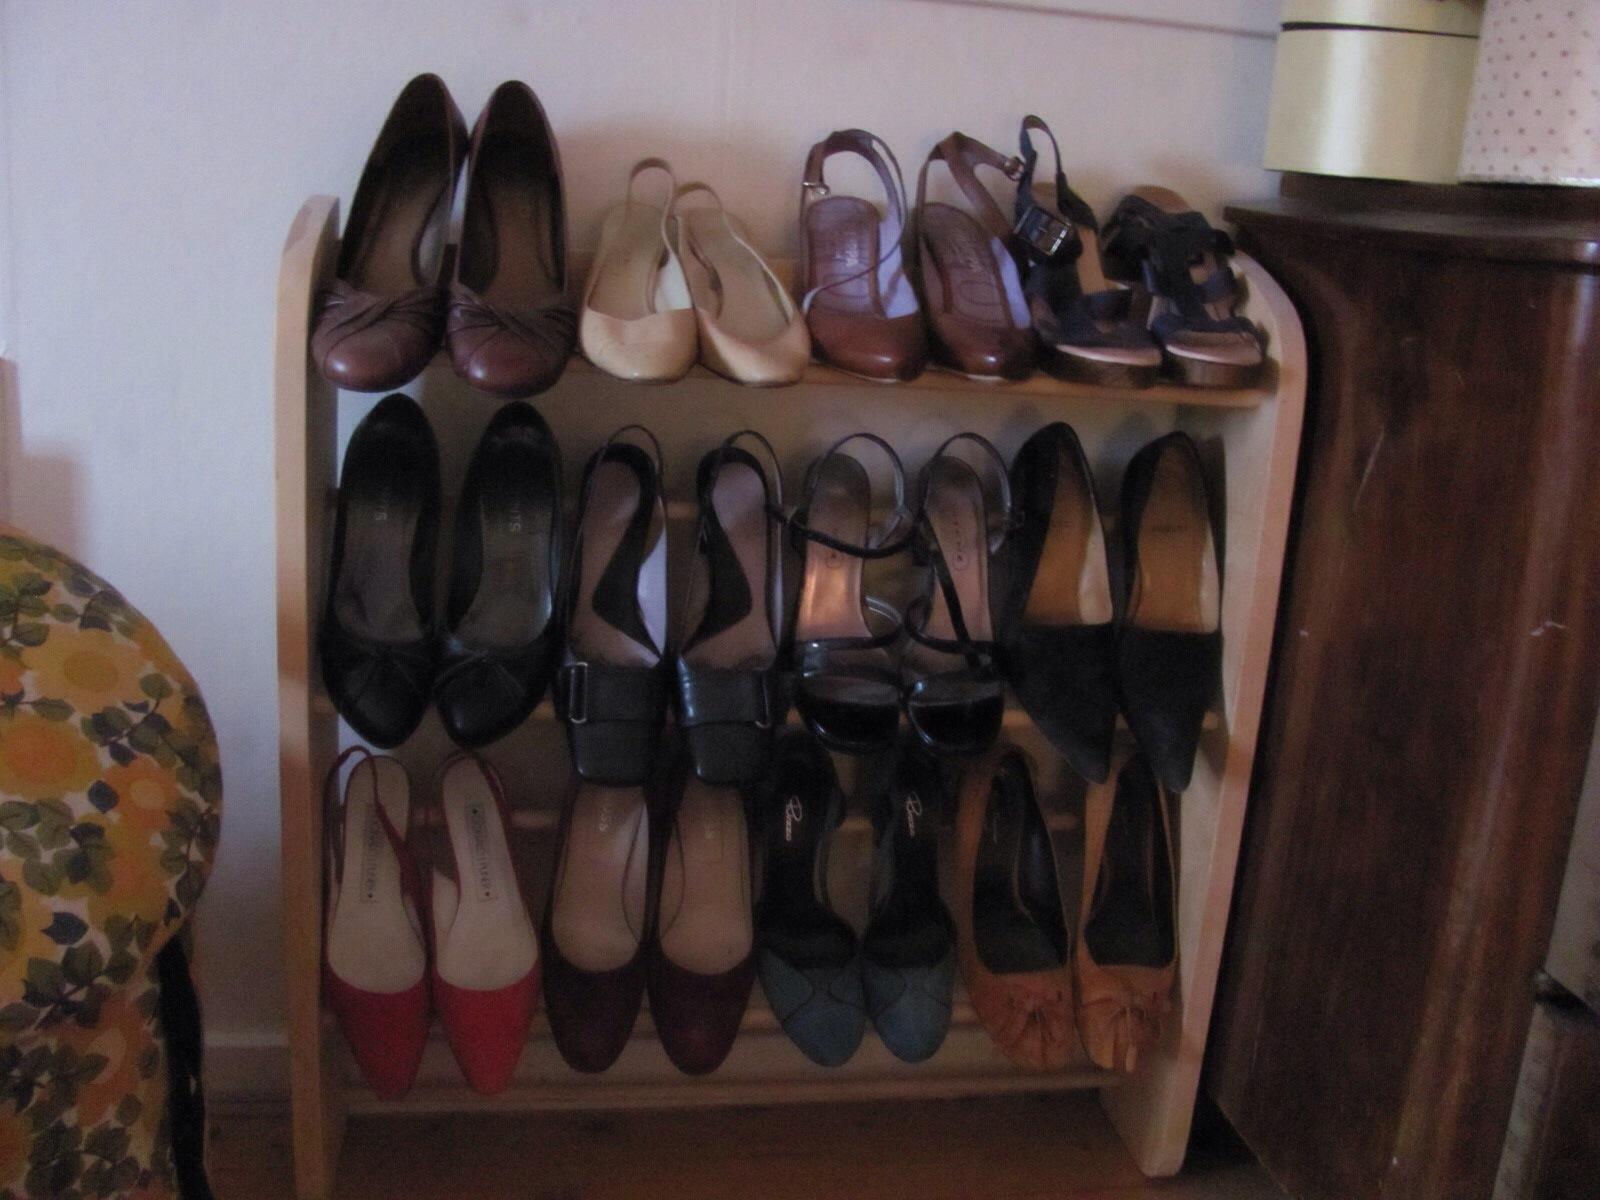 snekkerprosjekter til Skostativ Skostativ høyhælte snekkerprosjekter sko wOqY4Ofxn